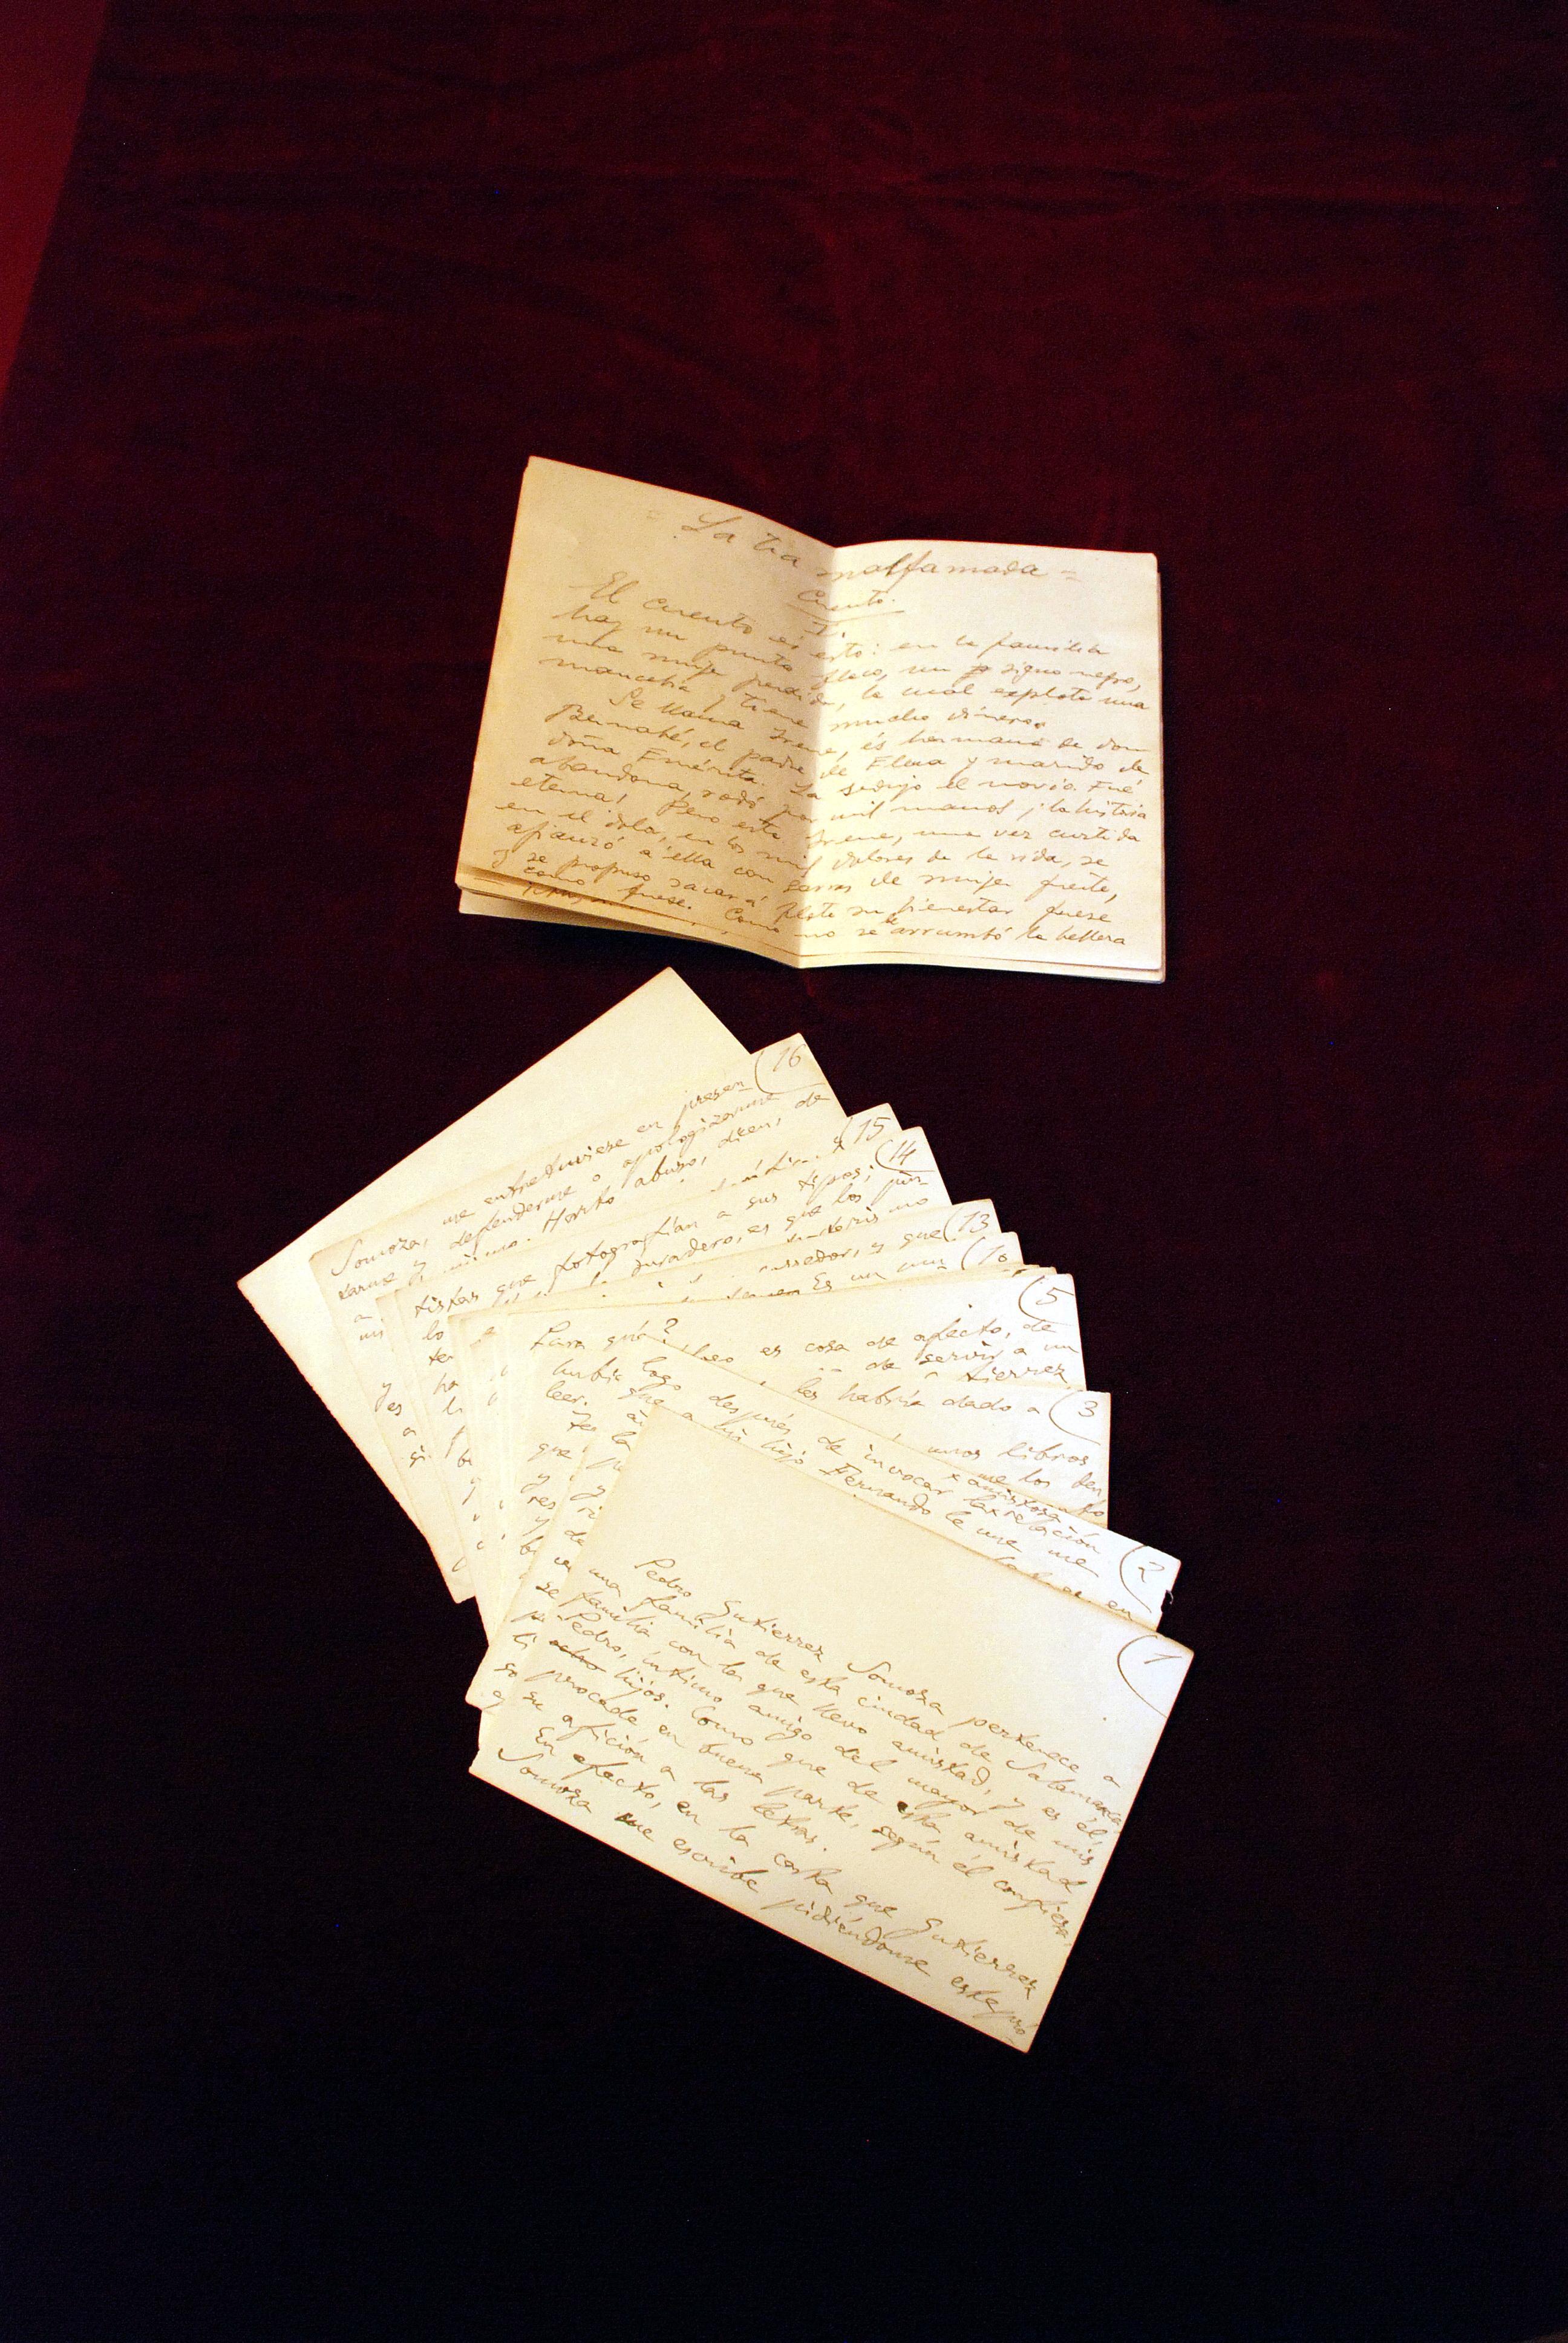 La Casa-Museo Unamuno recibe la donación de dos manuscritos autógrafos del exrector y del fotógrafo costumbrista Gutiérrez Somoza